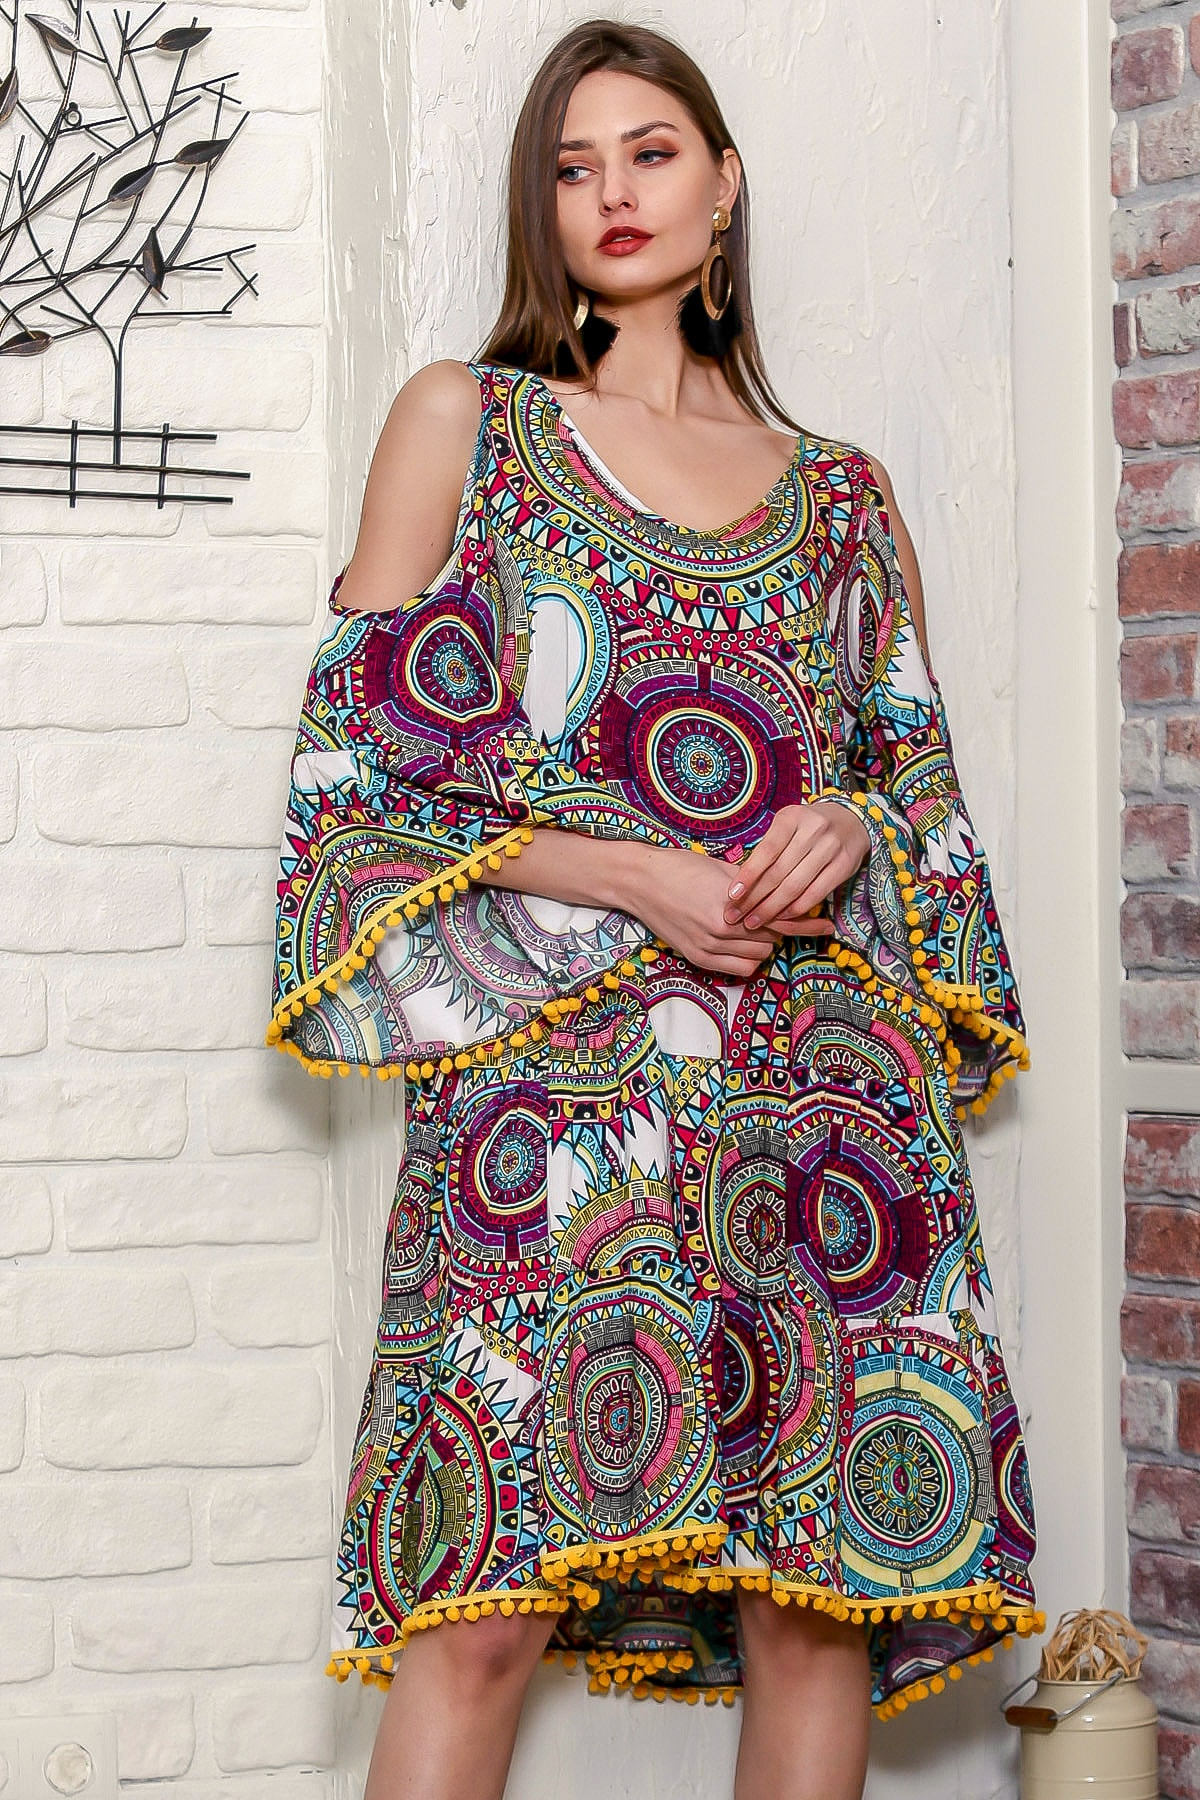 Chiccy Kadın Yeşil Omuzları Pencereli Geometrik Desen Kolları Volanlı Ponponlu Salaş Elbise 0